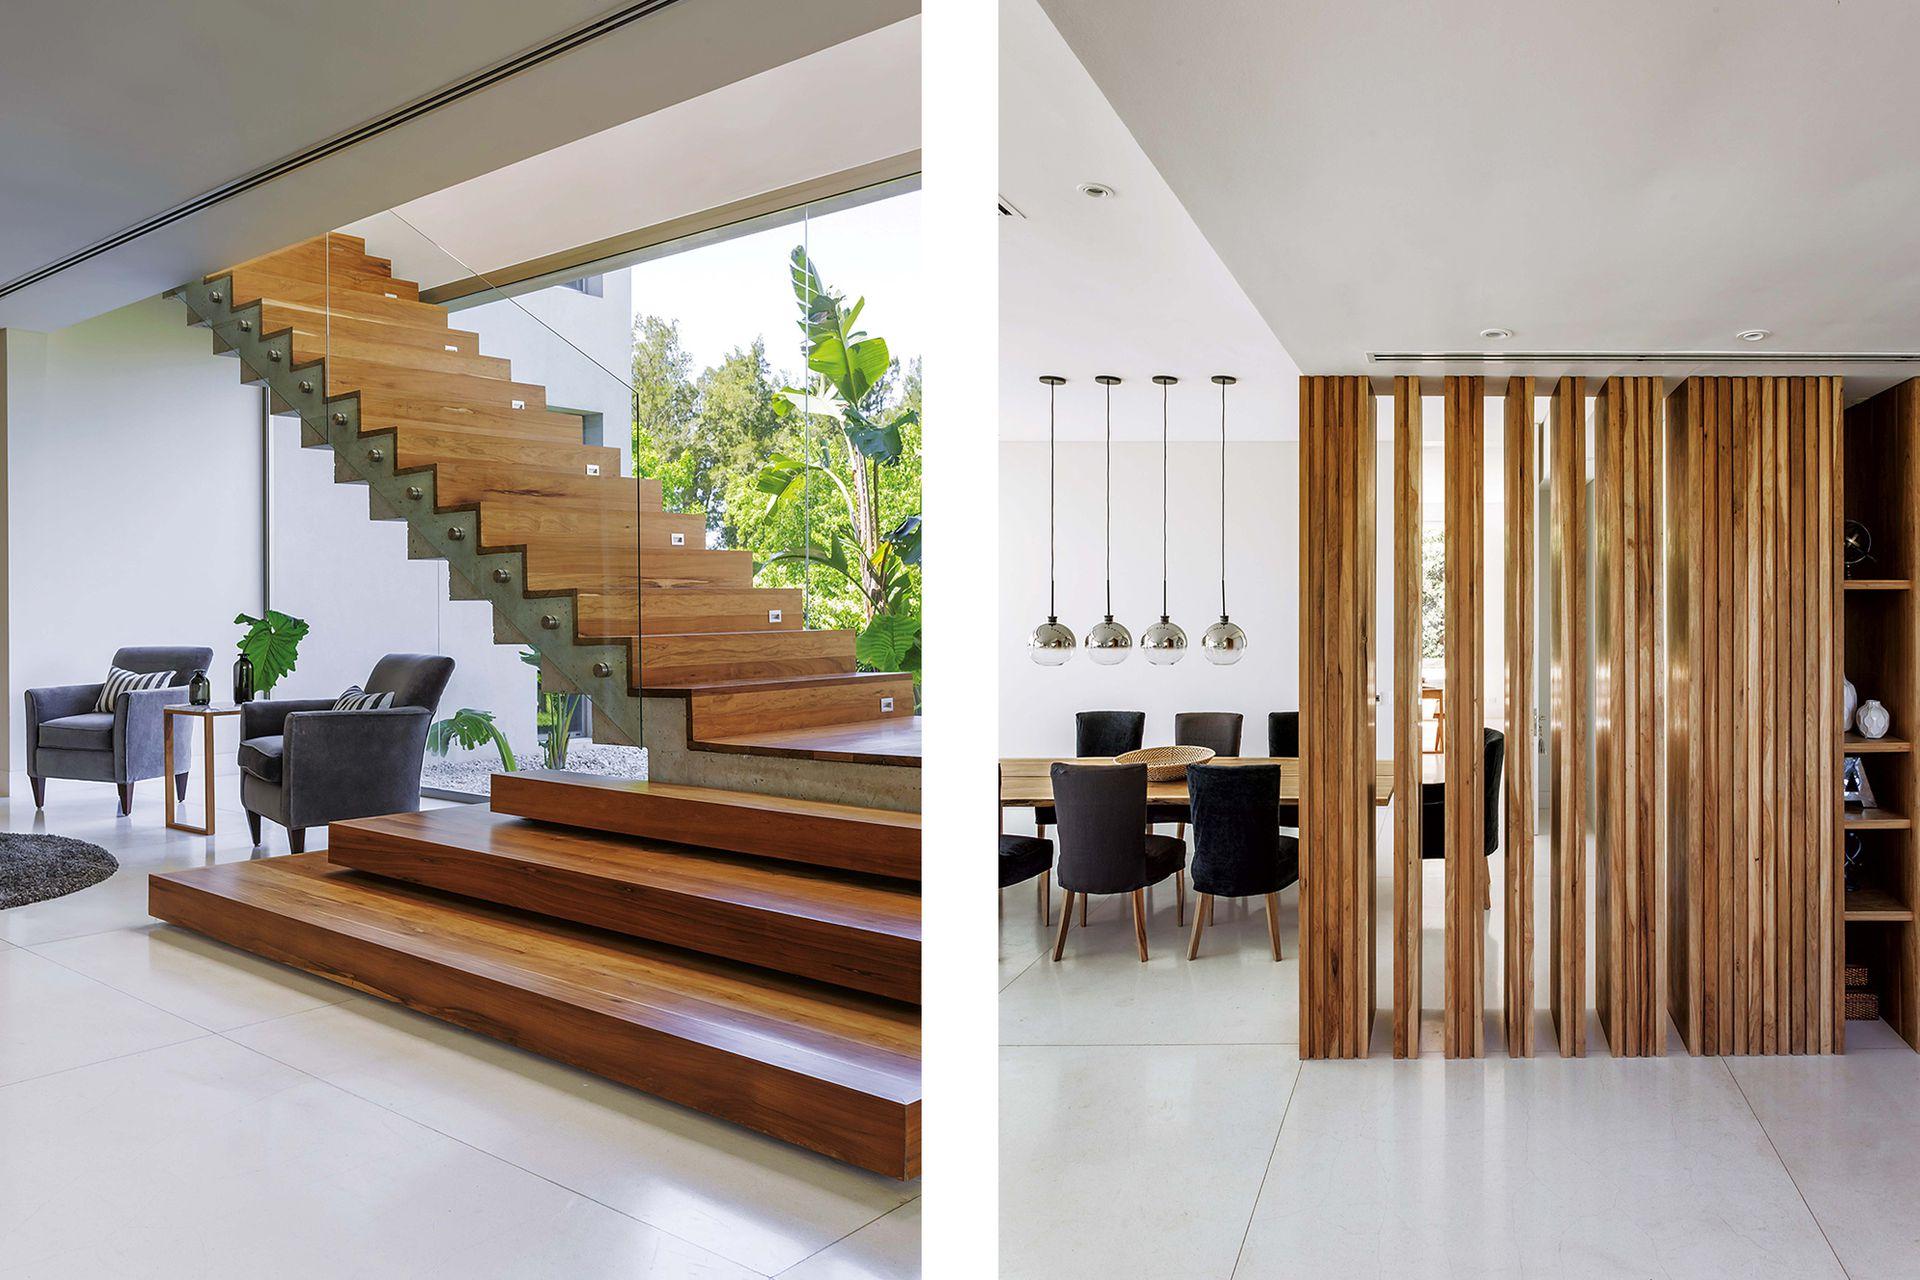 Debajo de la escalera, de 1,40 de ancho, un espacio de recepción. En el comedor, sillas 'Hilaria' con fundas en lino y terciopelo gris oscuro (Flora Home Bs. As.). Lámparas colgantes esféricas (West Elm).